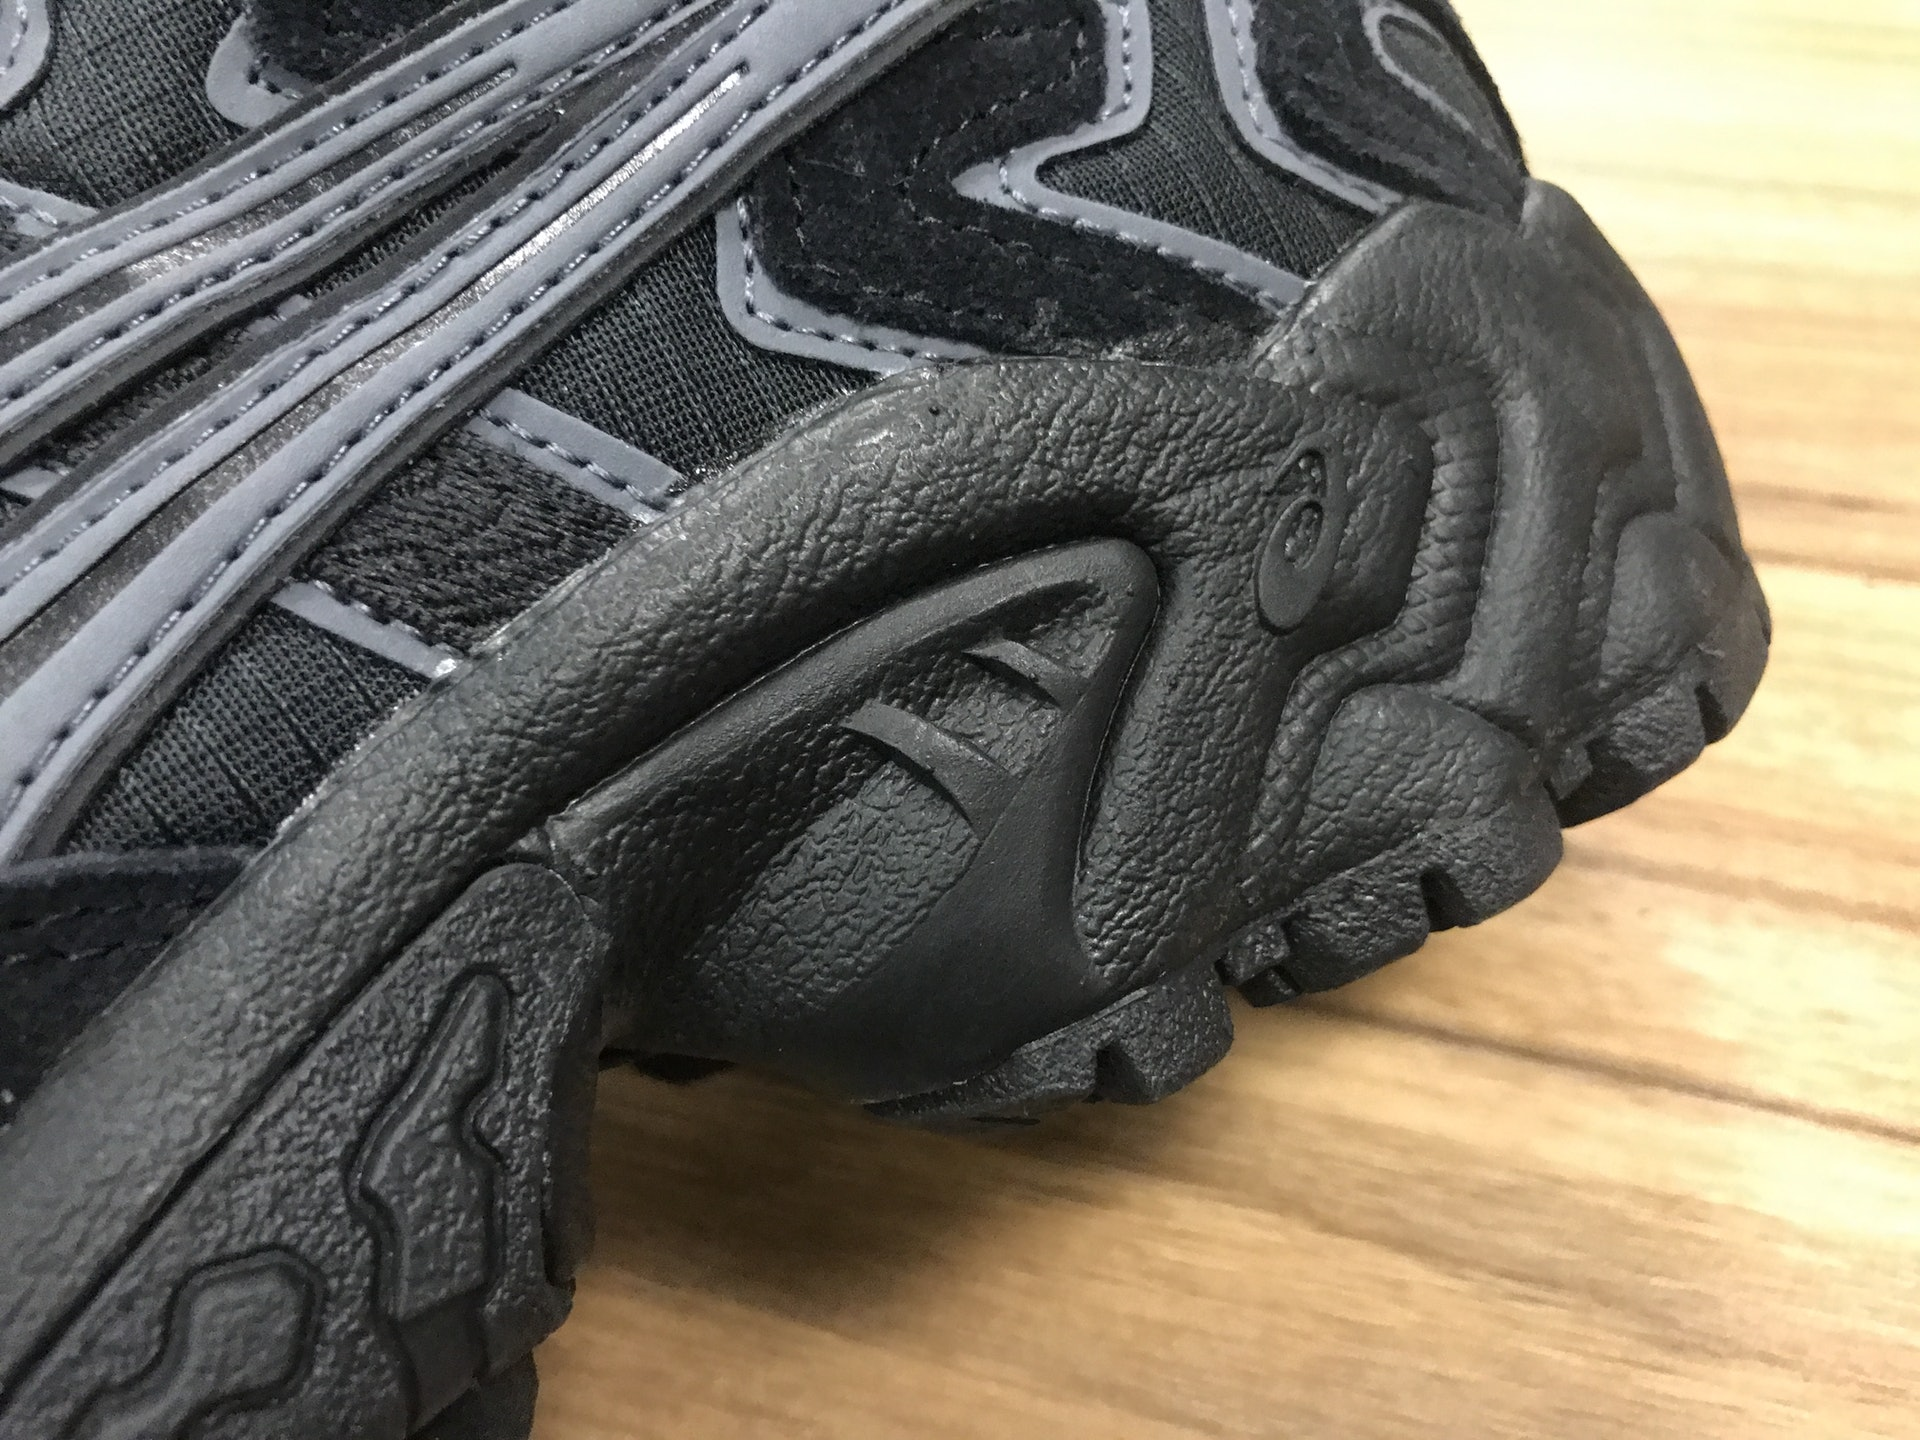 20年前的老土设计,亚瑟士重新打造,这款复古越野跑鞋再度回归